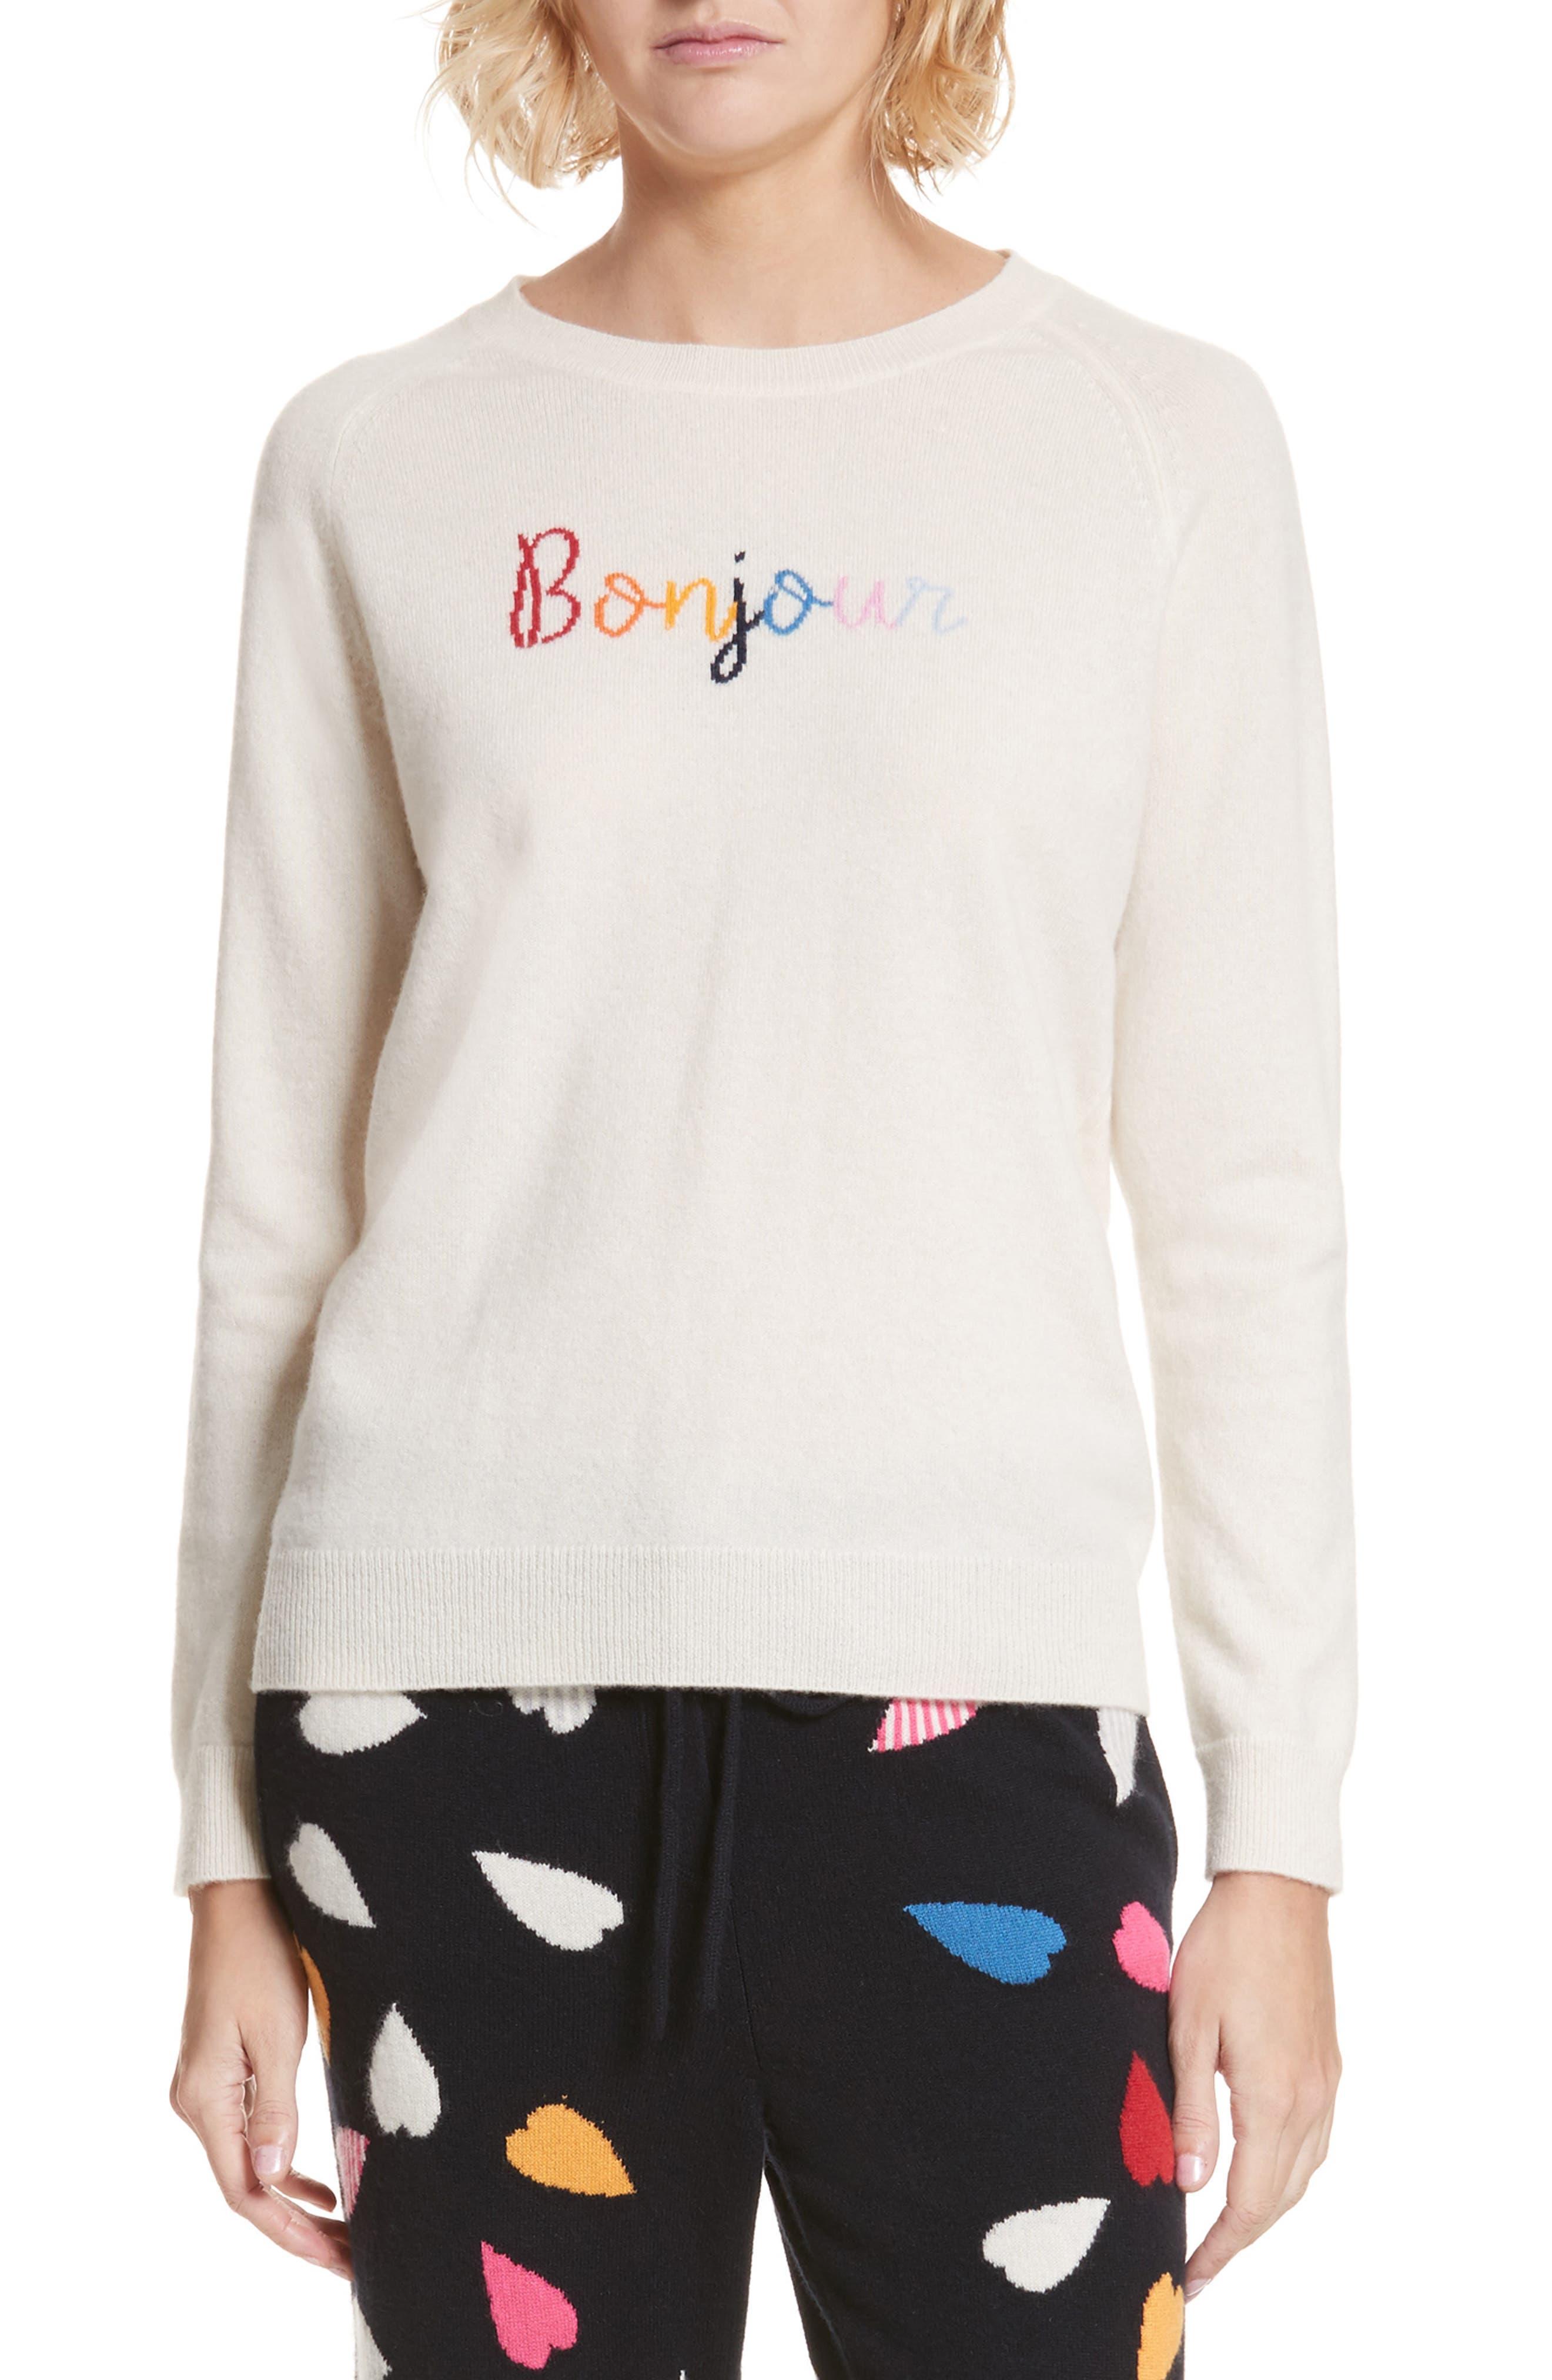 CHINTI & PARKER Bonjour/Bonsoir Cashmere Sweater,                             Main thumbnail 1, color,                             900